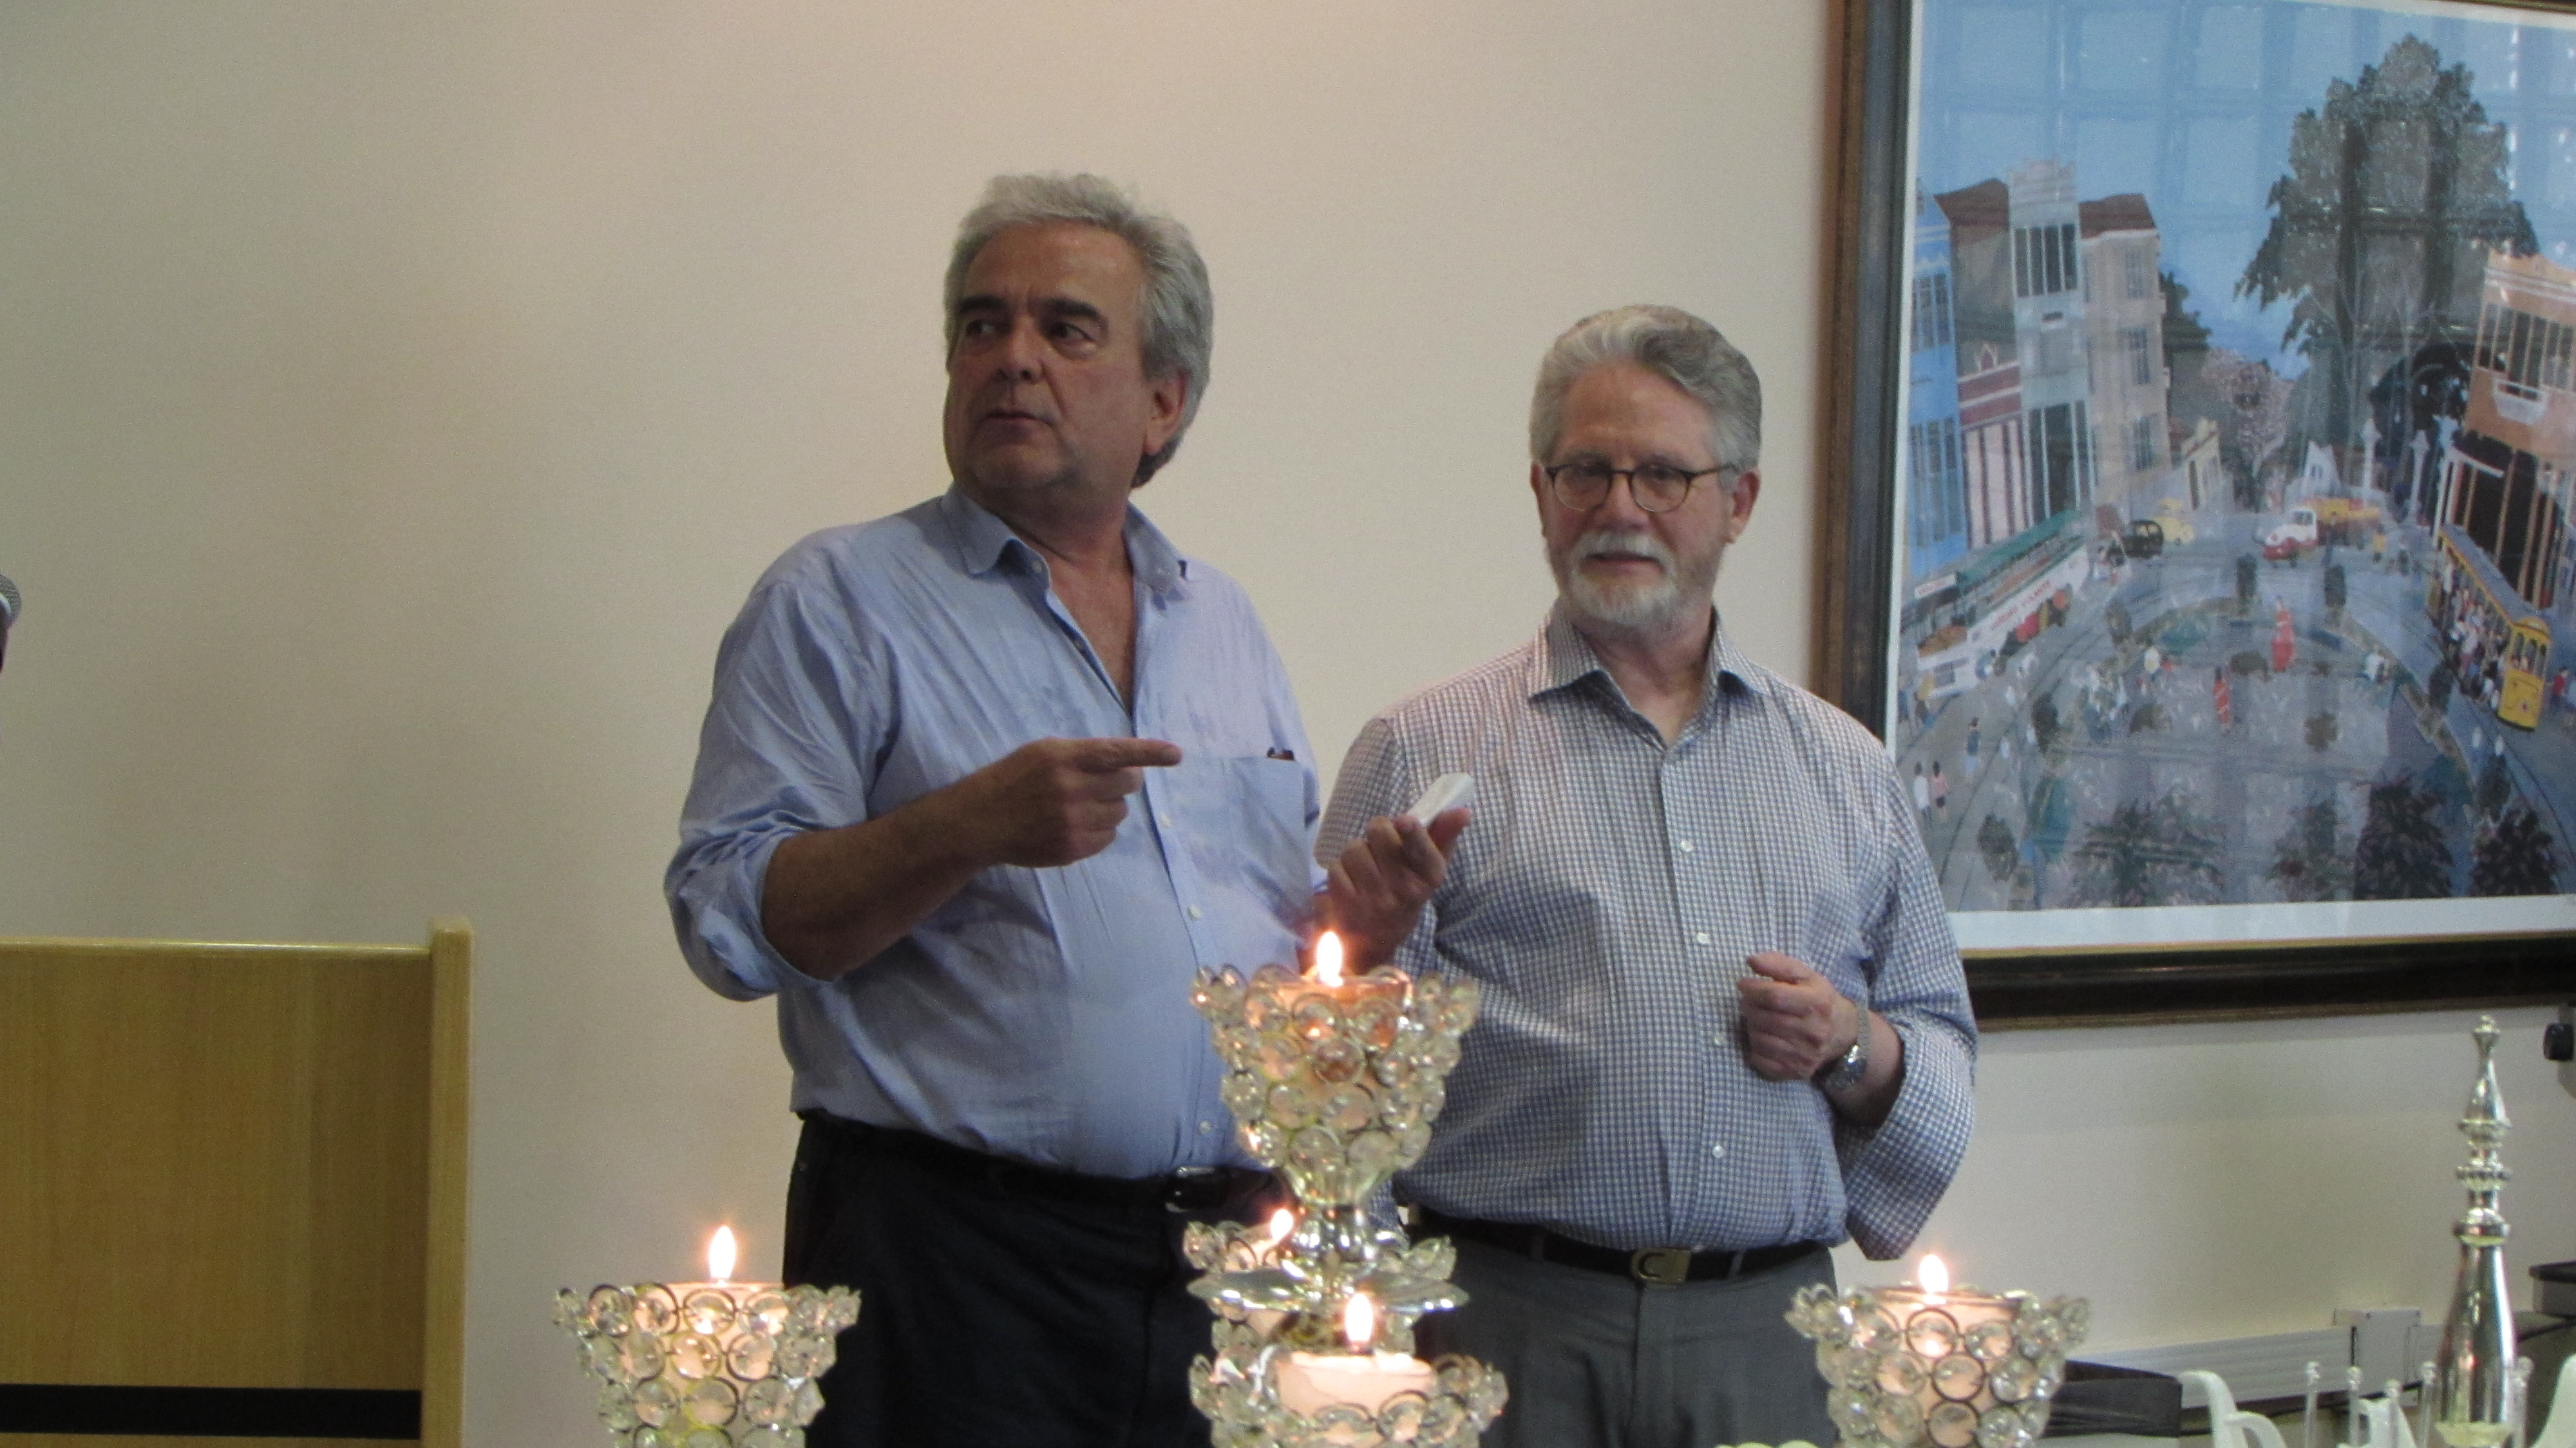 Festa Confraternização Departamento de Economia